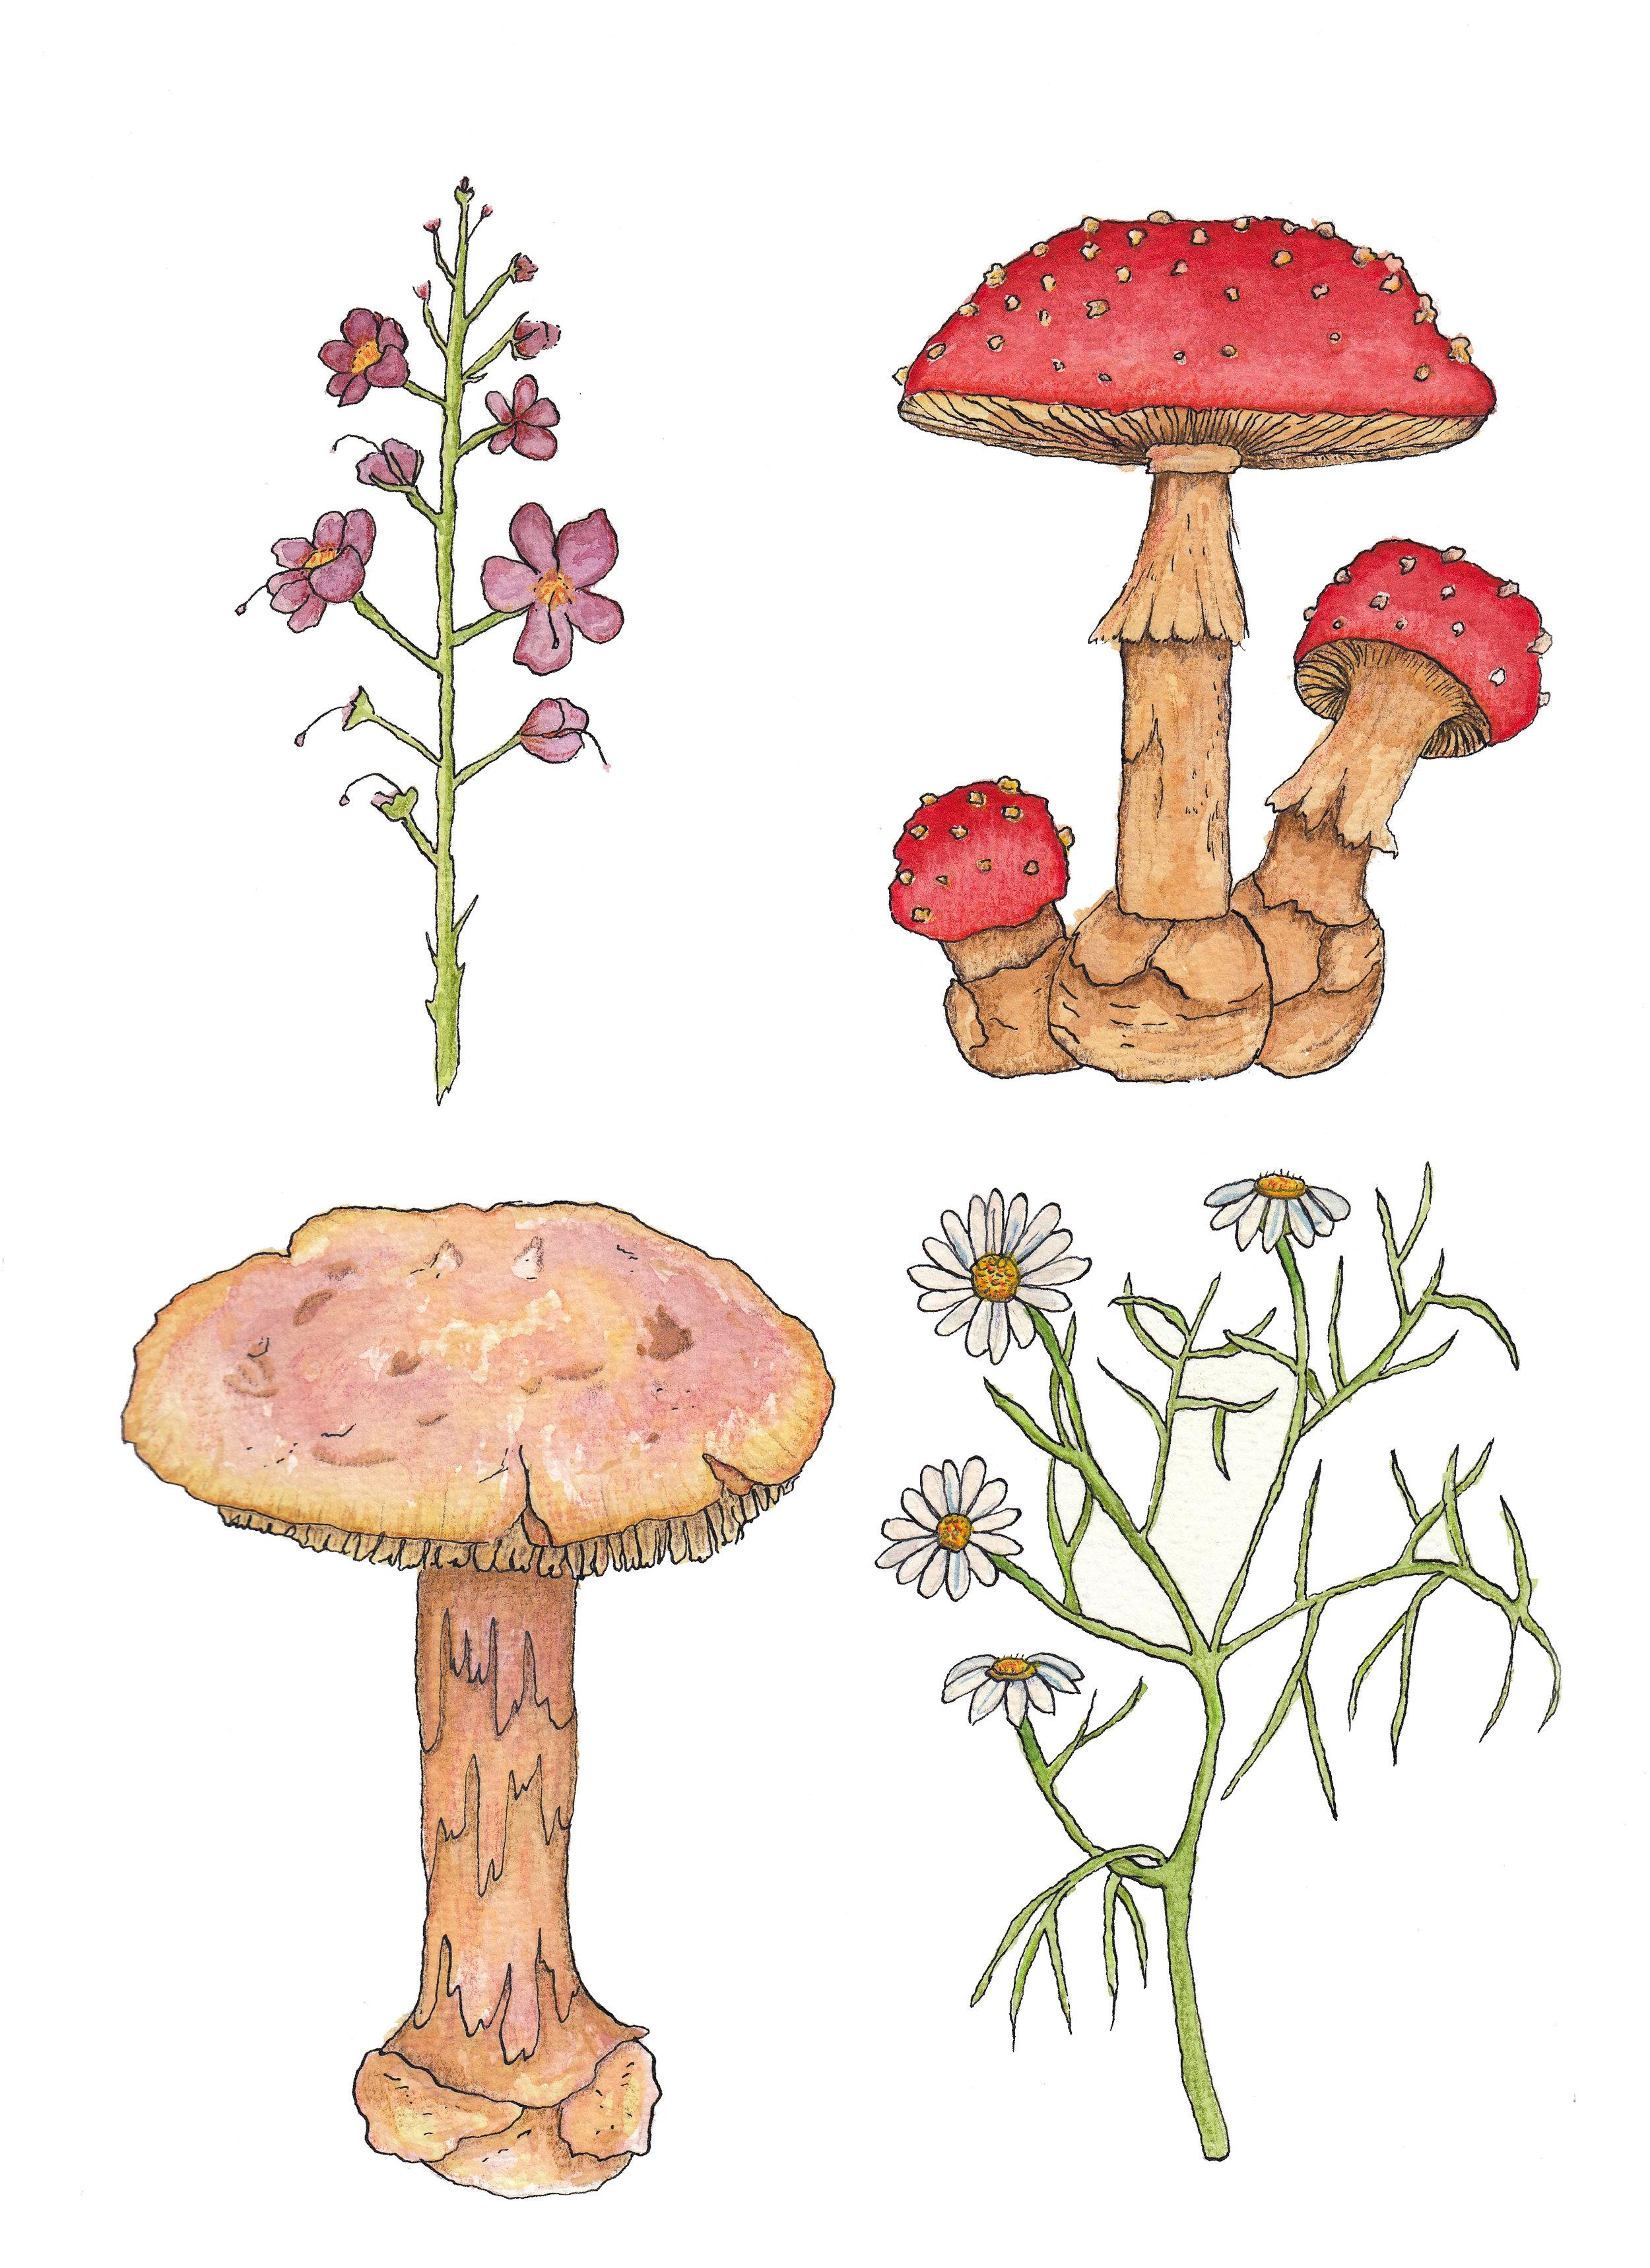 mushroom and flowers.jpg